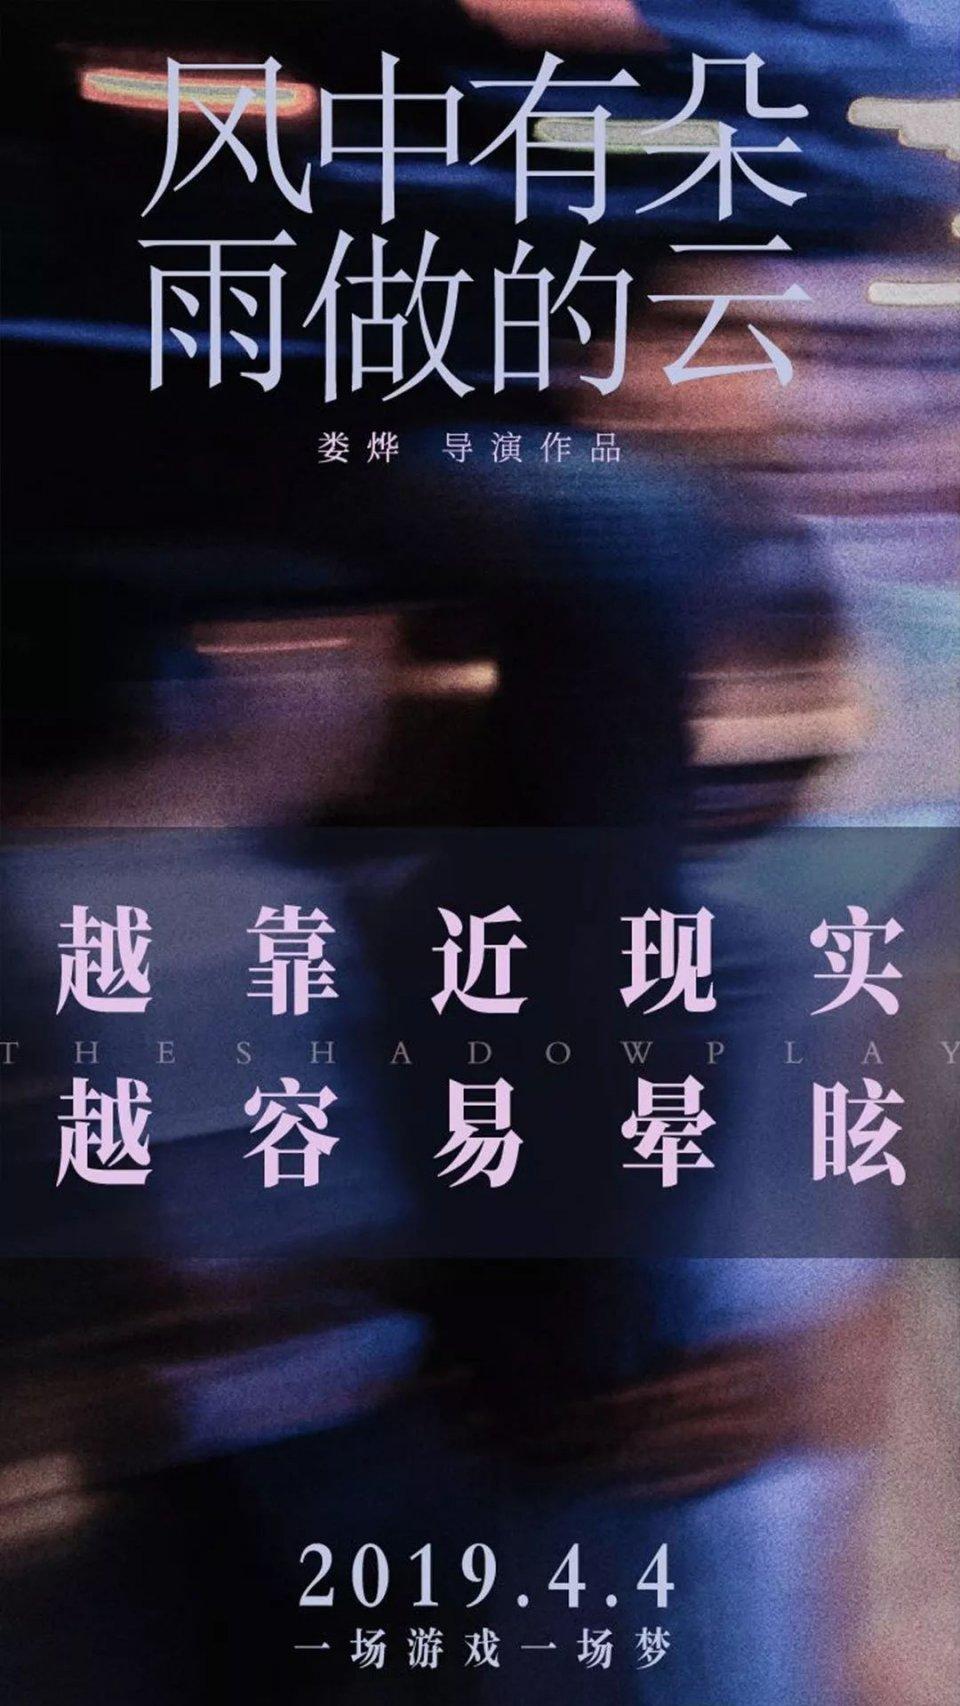 娄烨新片中,有多少人被马思纯吓到了…,中华剑仙在异界